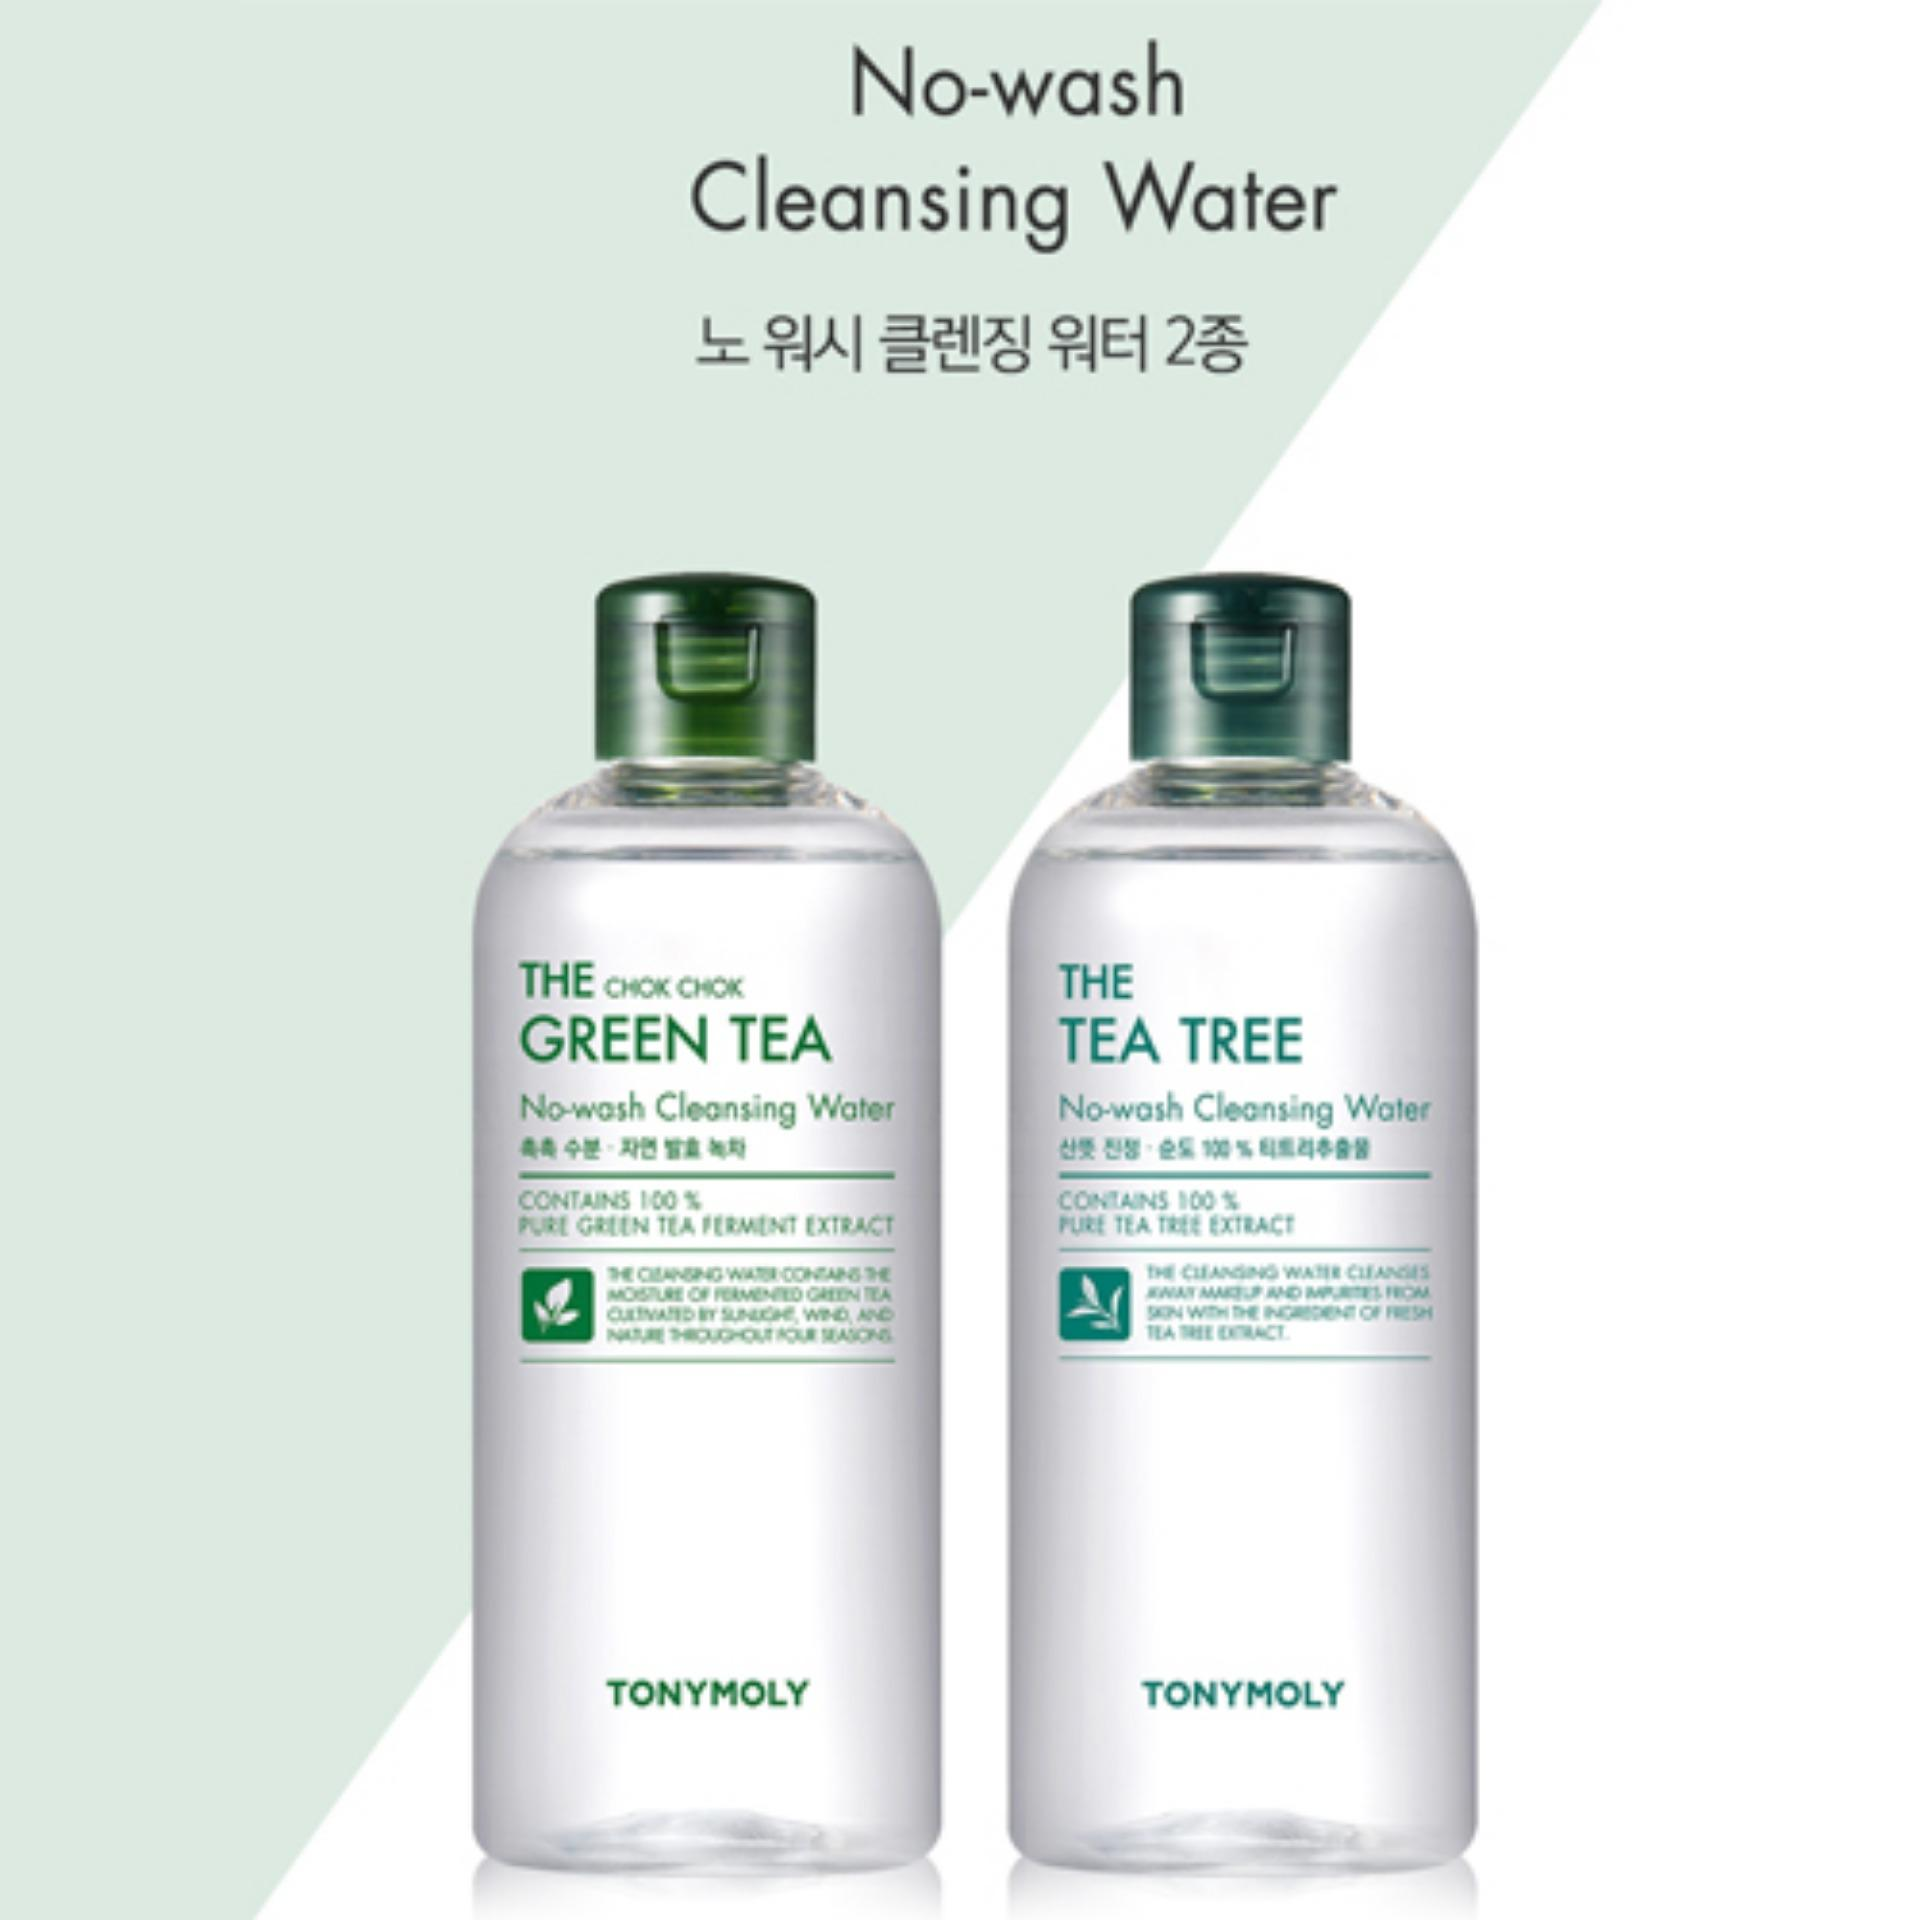 Nước tẩy trang trà xanh Tonymoly The Chok Chok Green Tea No-wash Cleansing Water